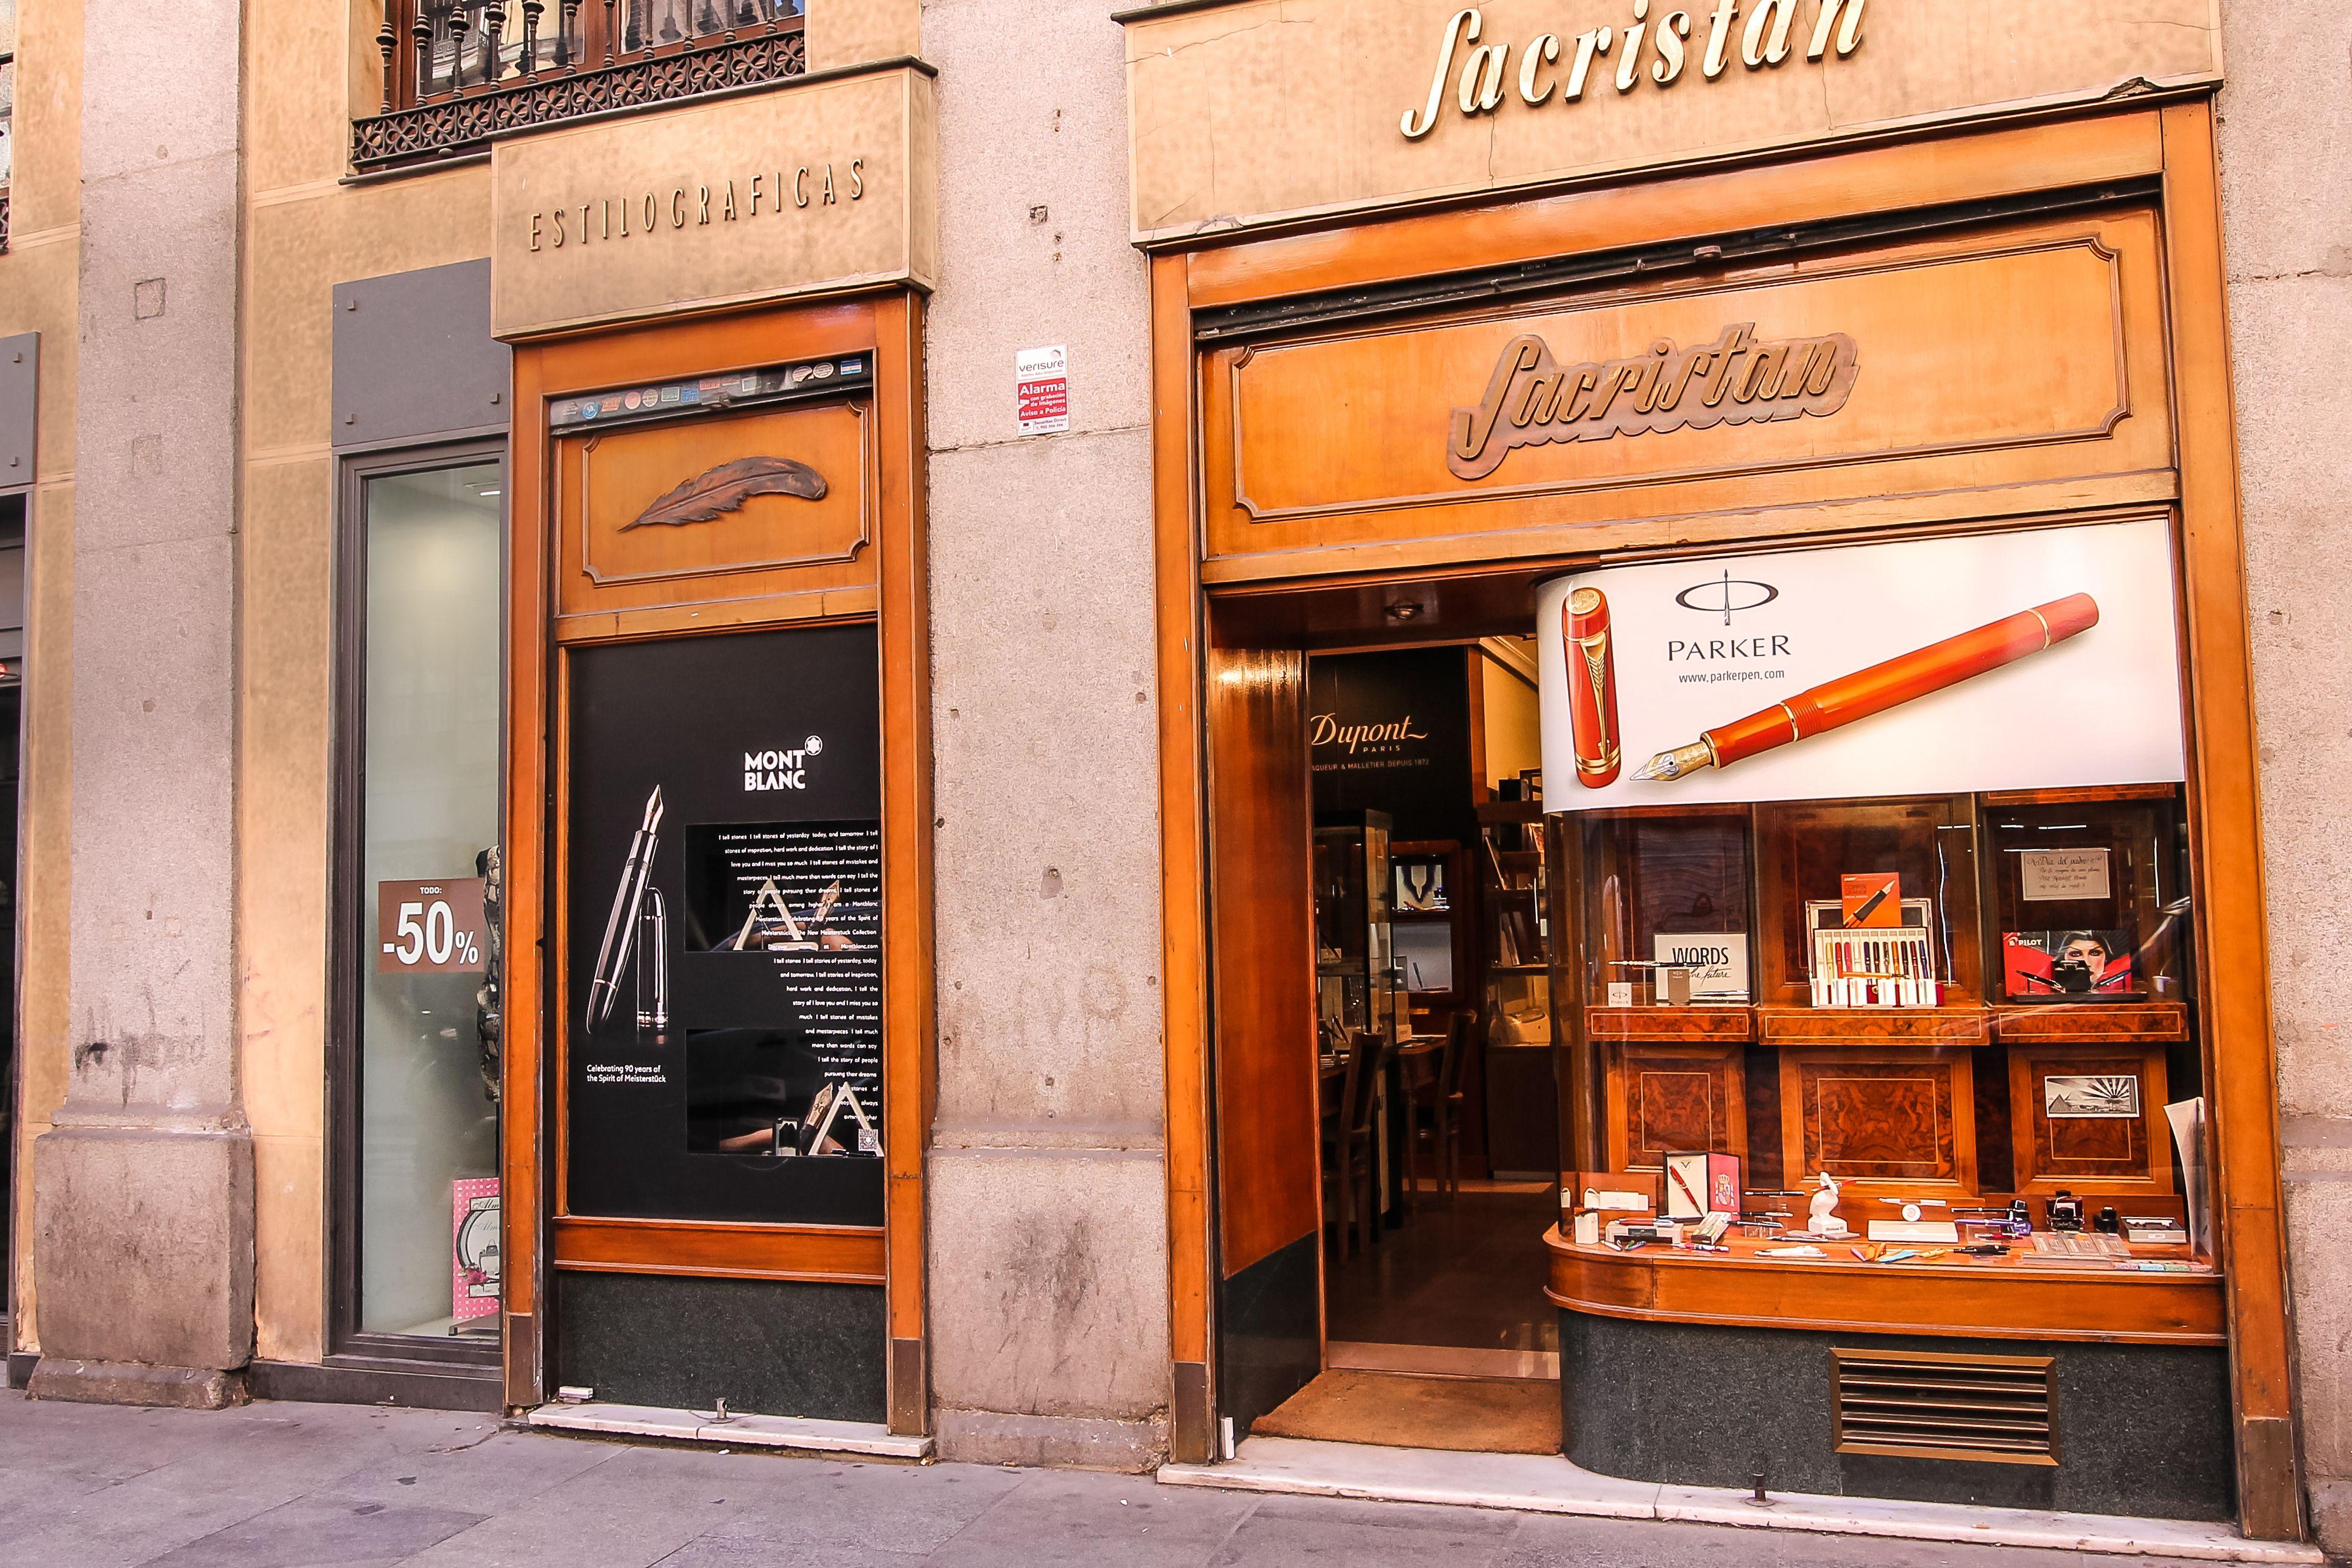 Foto 4 de Plumas y bolígrafos en Madrid | Estilográficas Sacristán